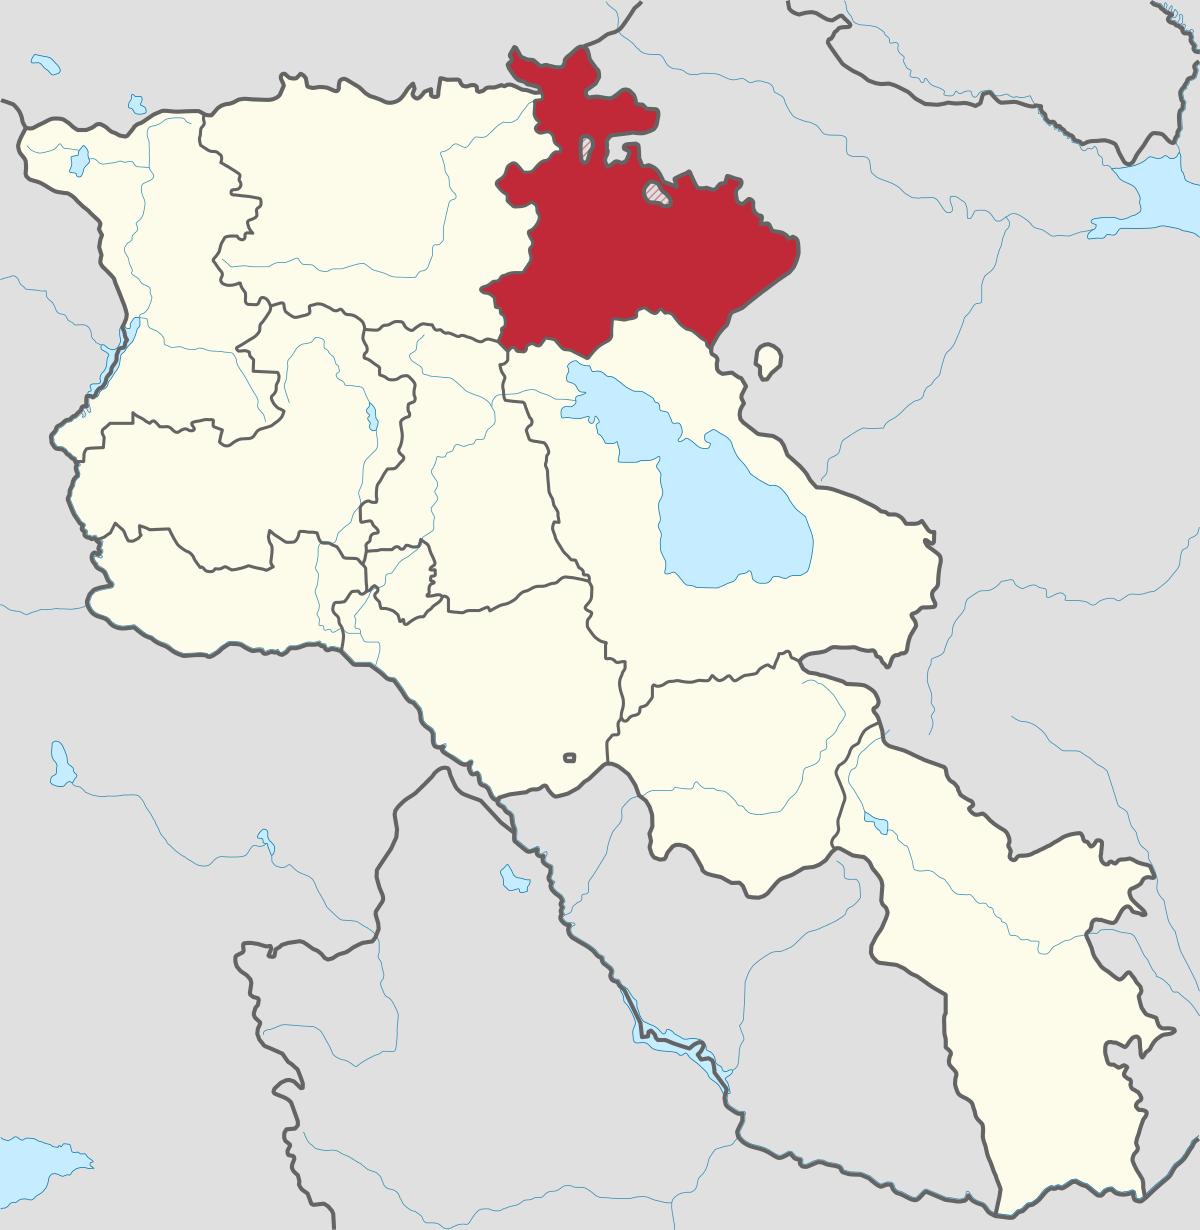 Tavush Region